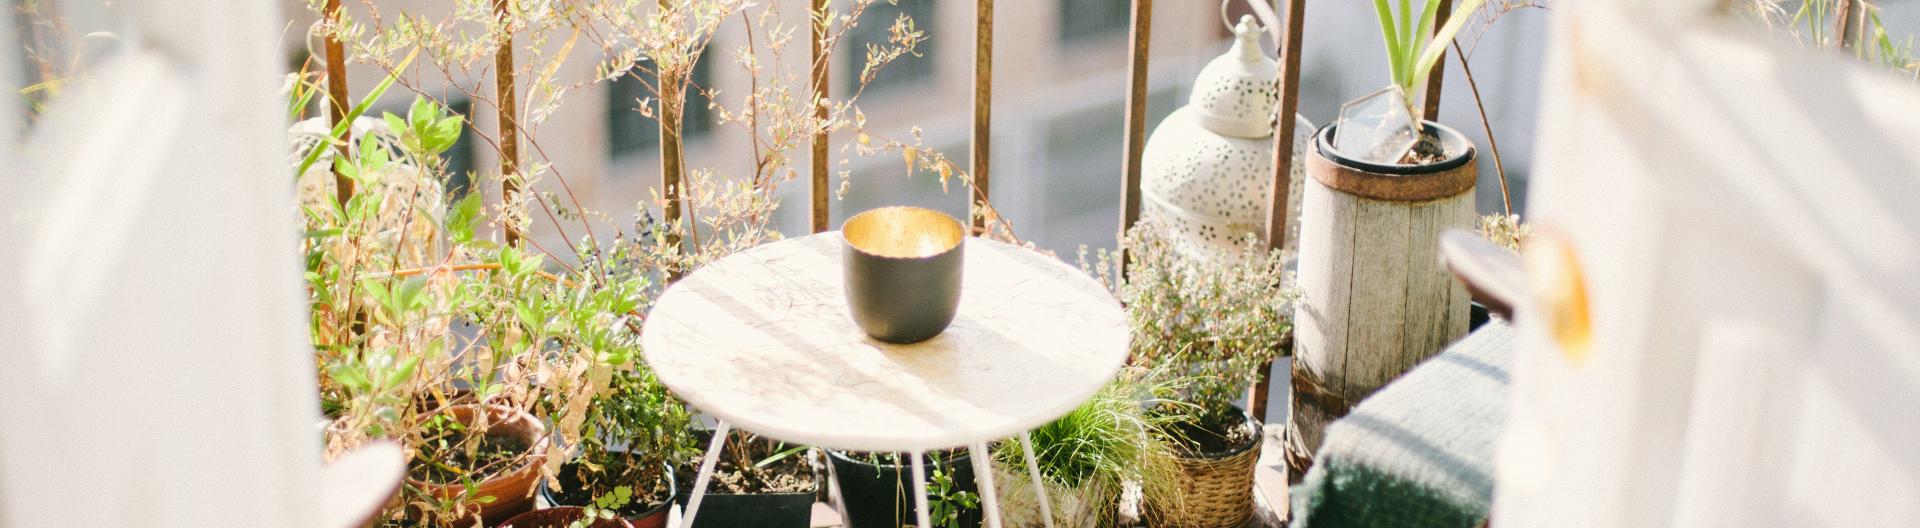 Ein Balkon in der Sonne mit Pflanzen und Deko